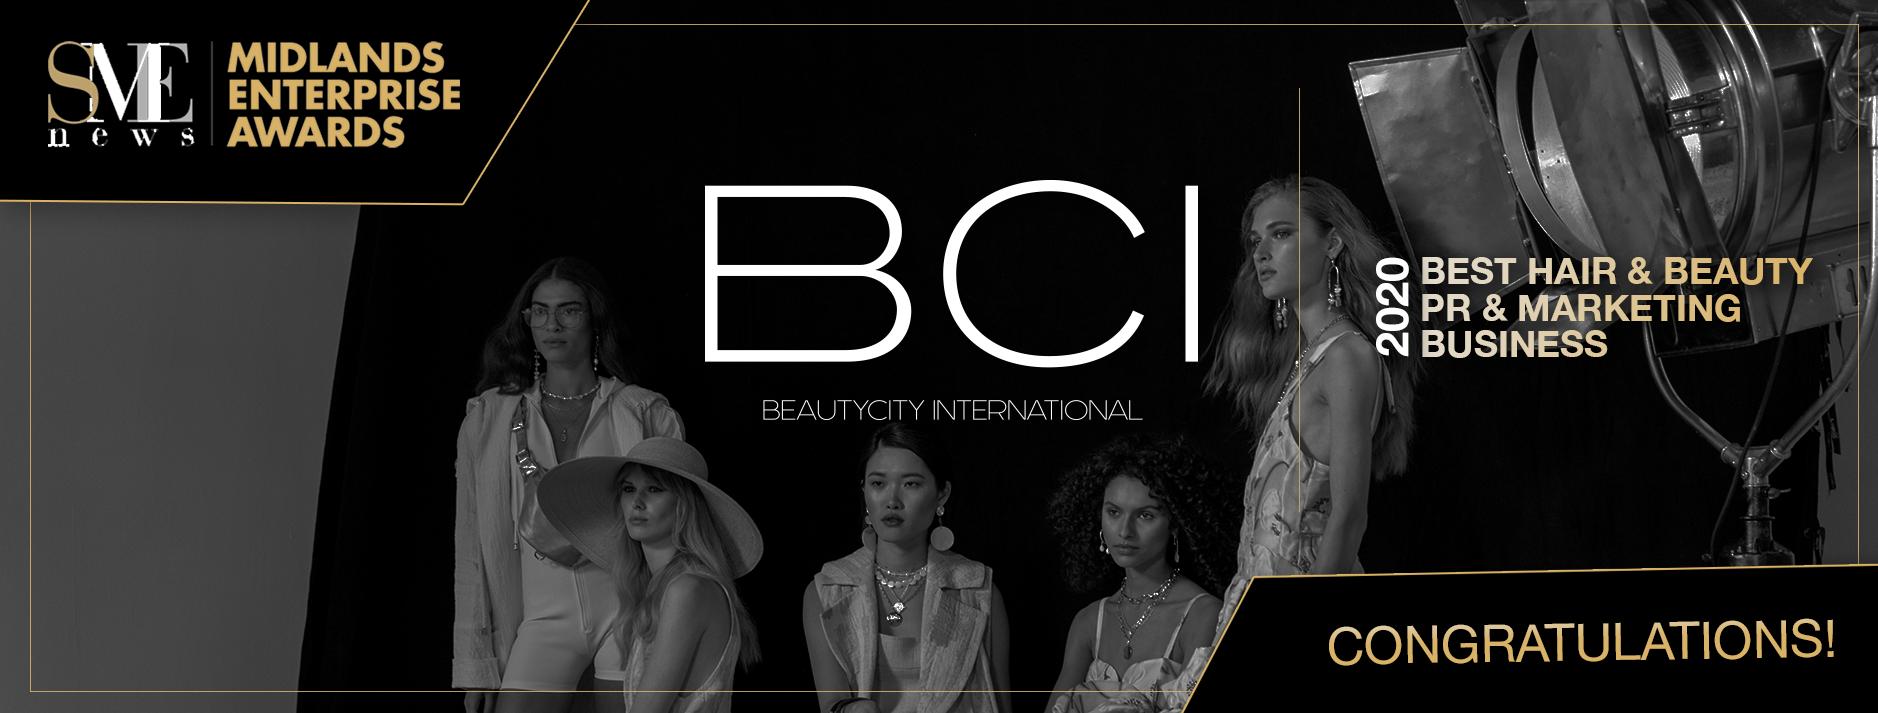 BCI Award Winning